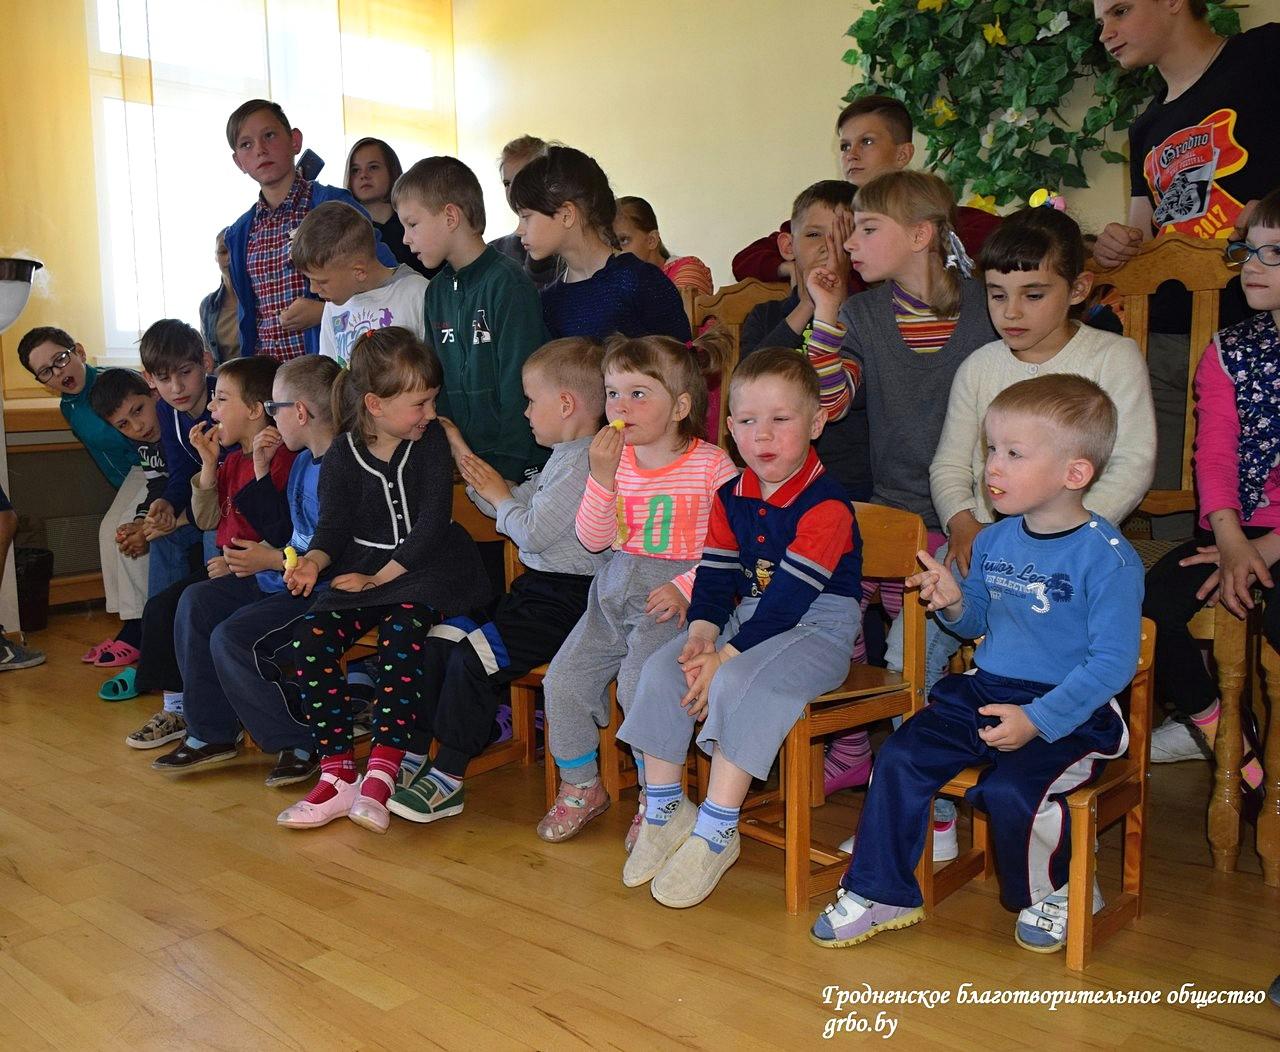 Фото детей сирот из санкт-петербурга